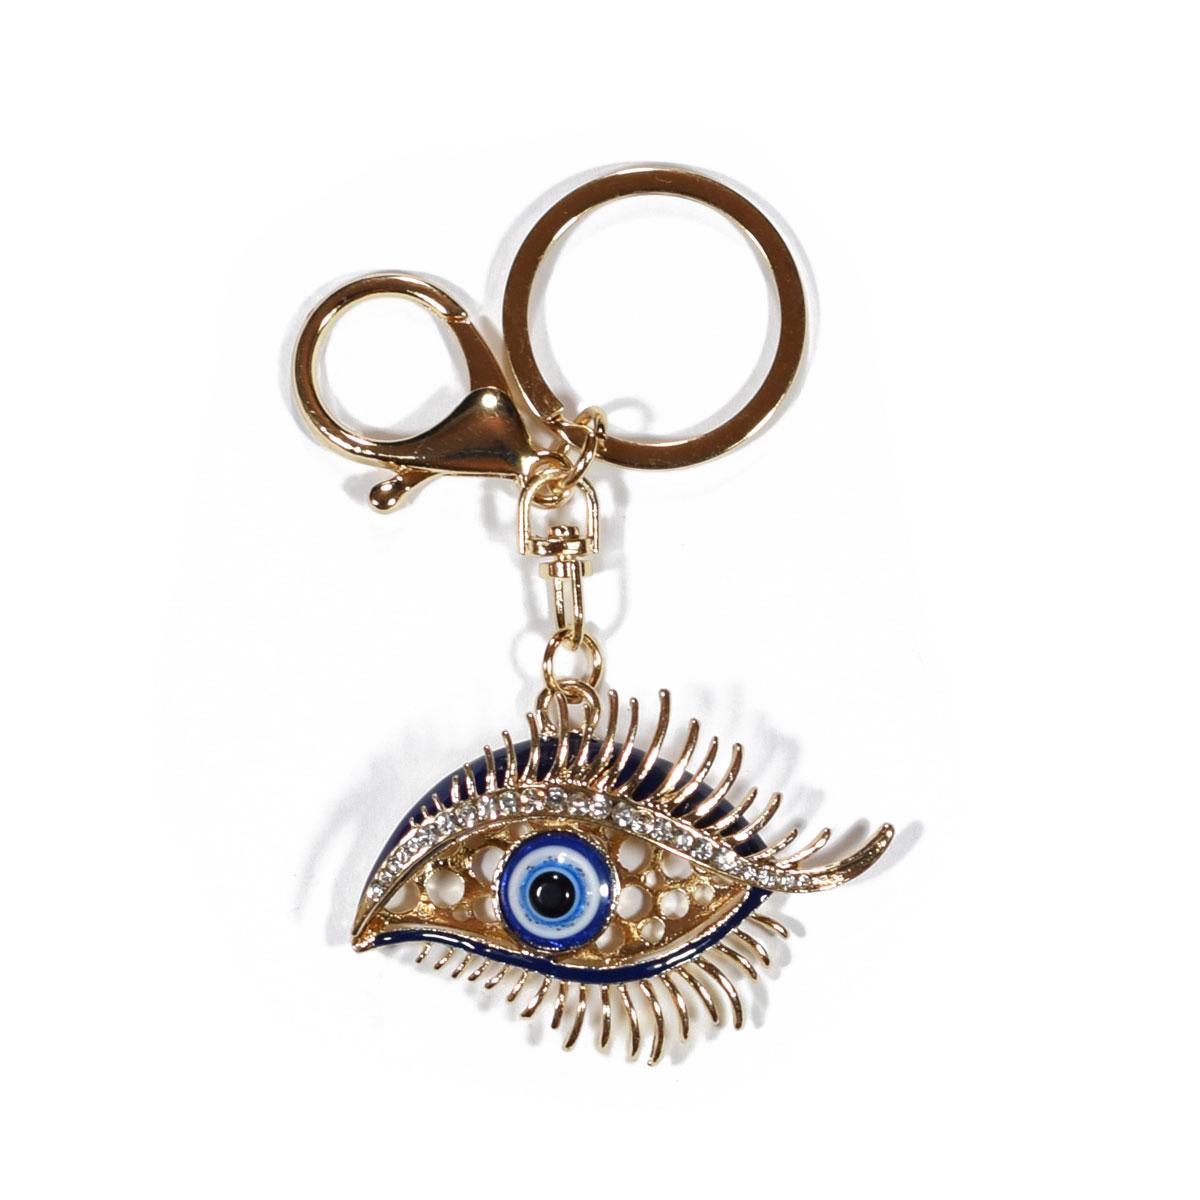 Μπρελόκ φο μπιζού (faux bijoux) μάτι με κρυστάλλους (BZ-KC-00029) d2173328e27